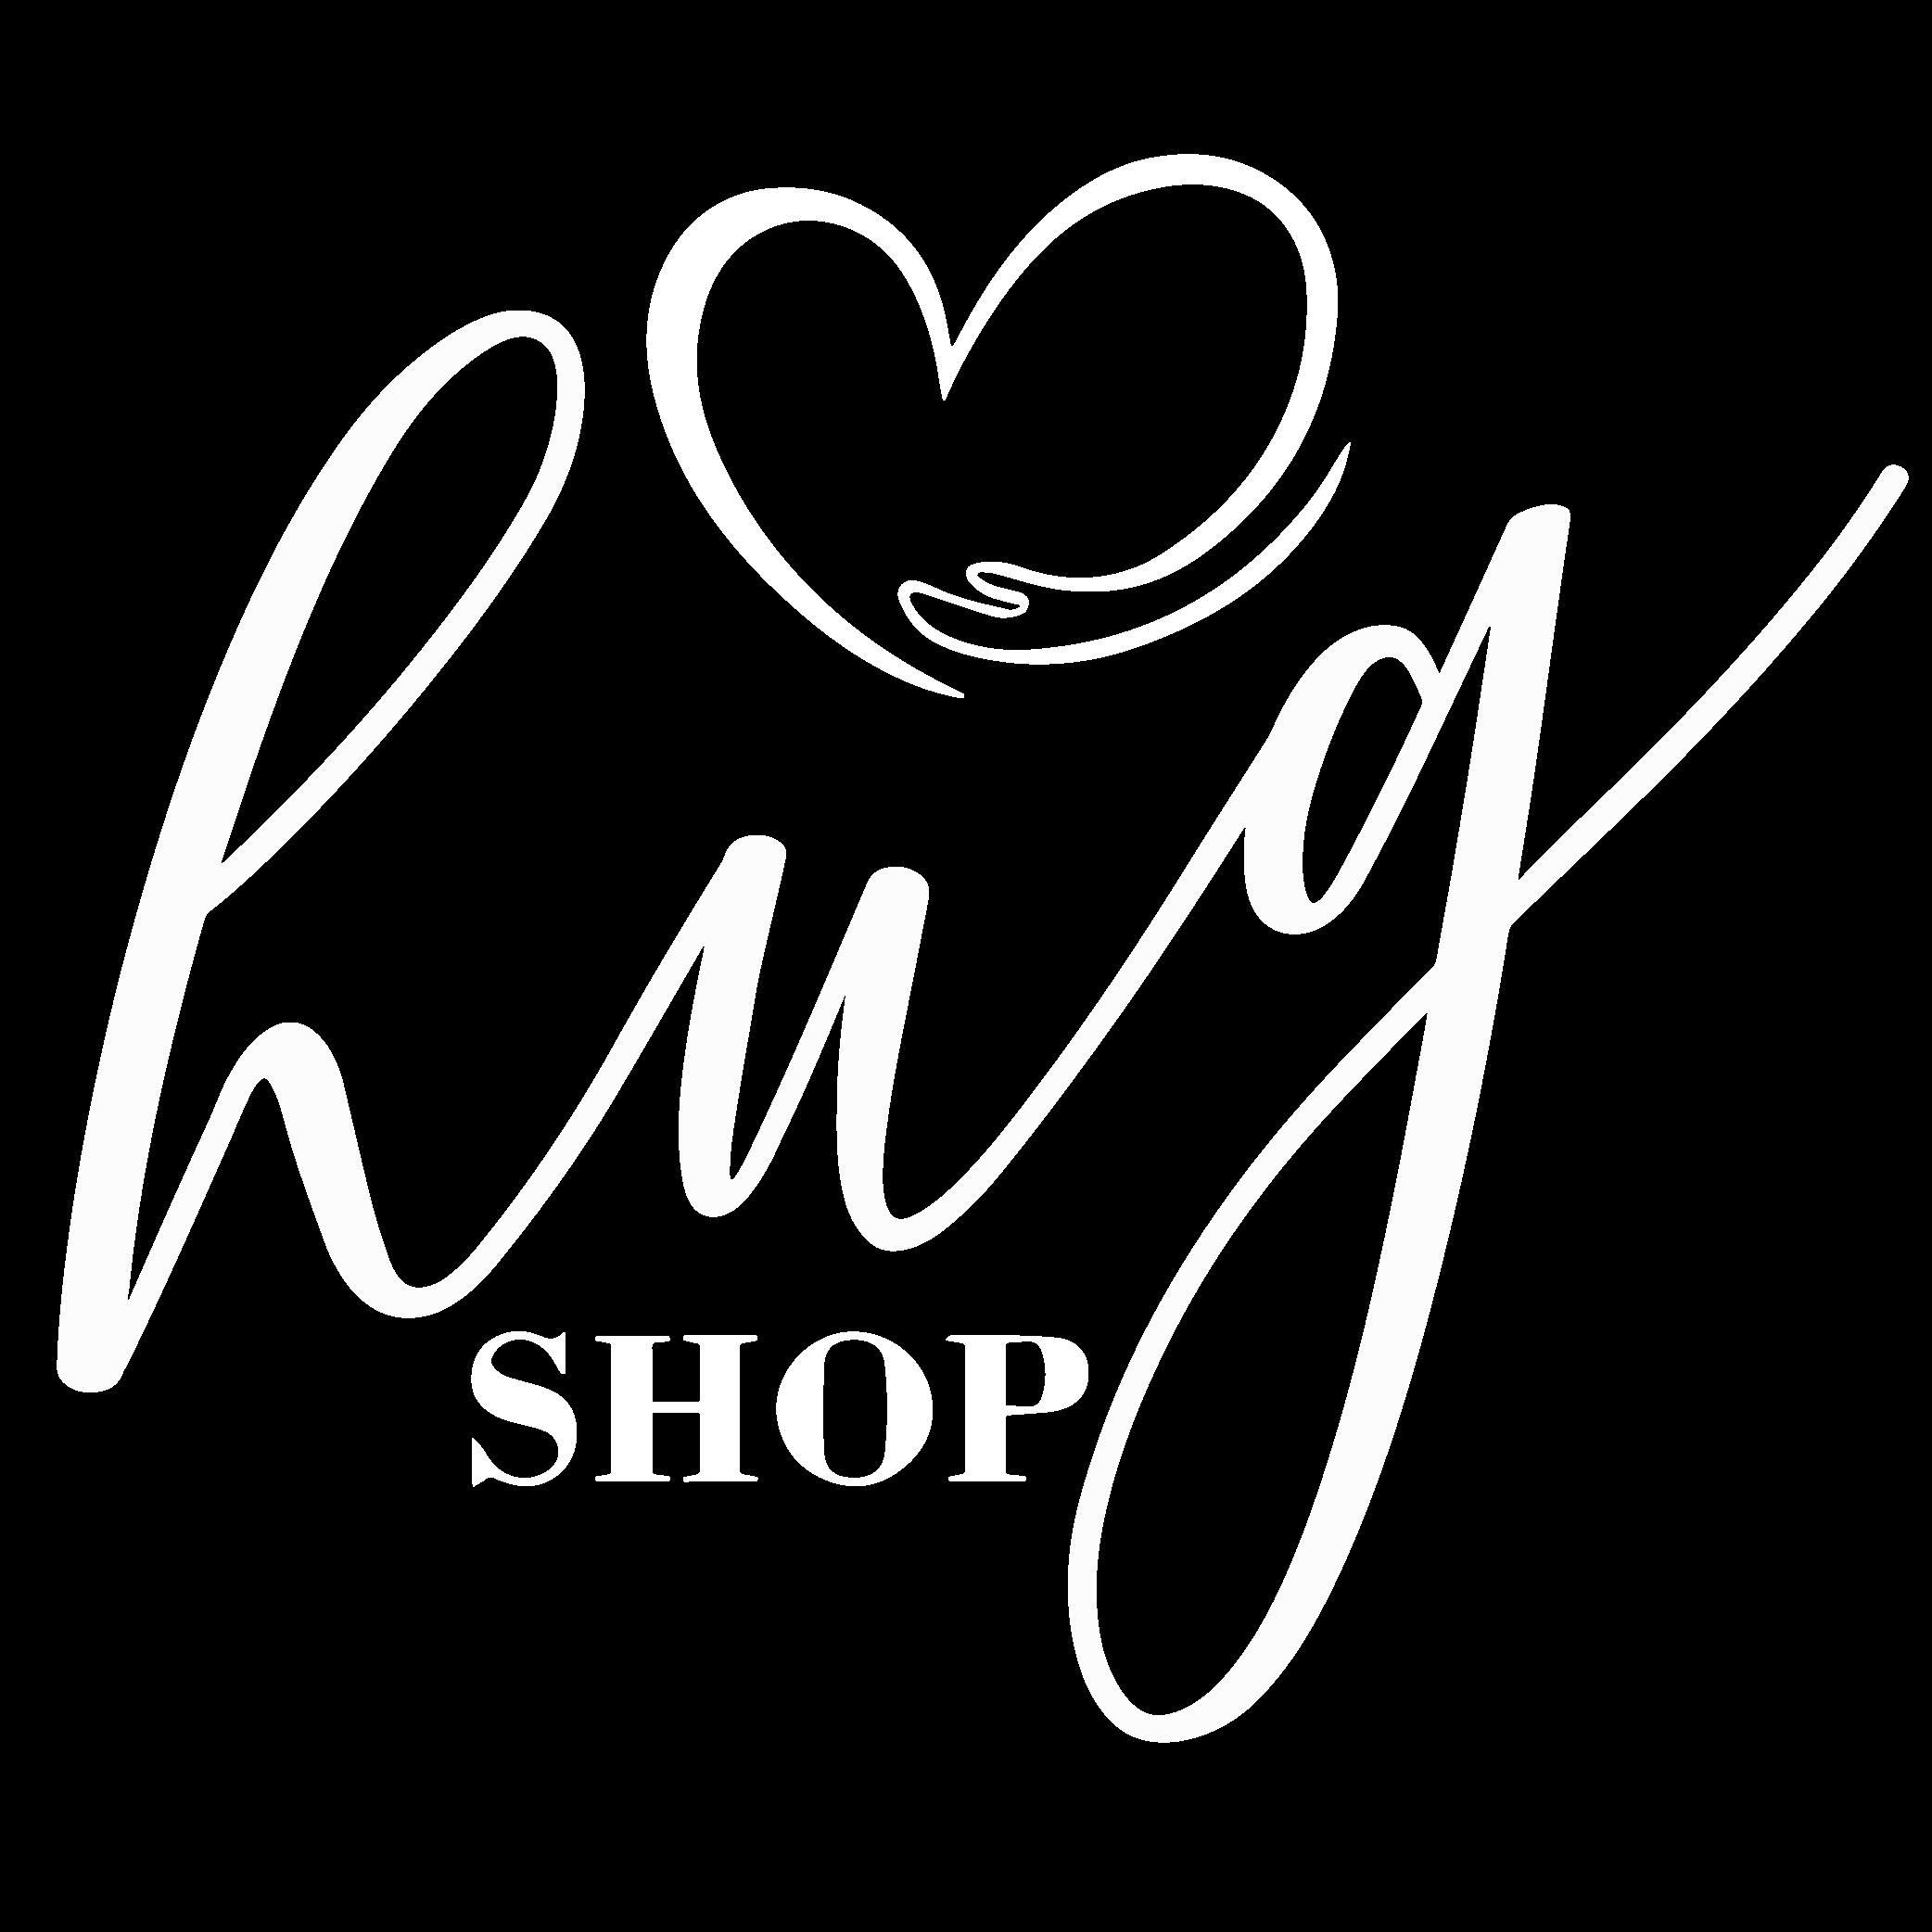 Hug Shop